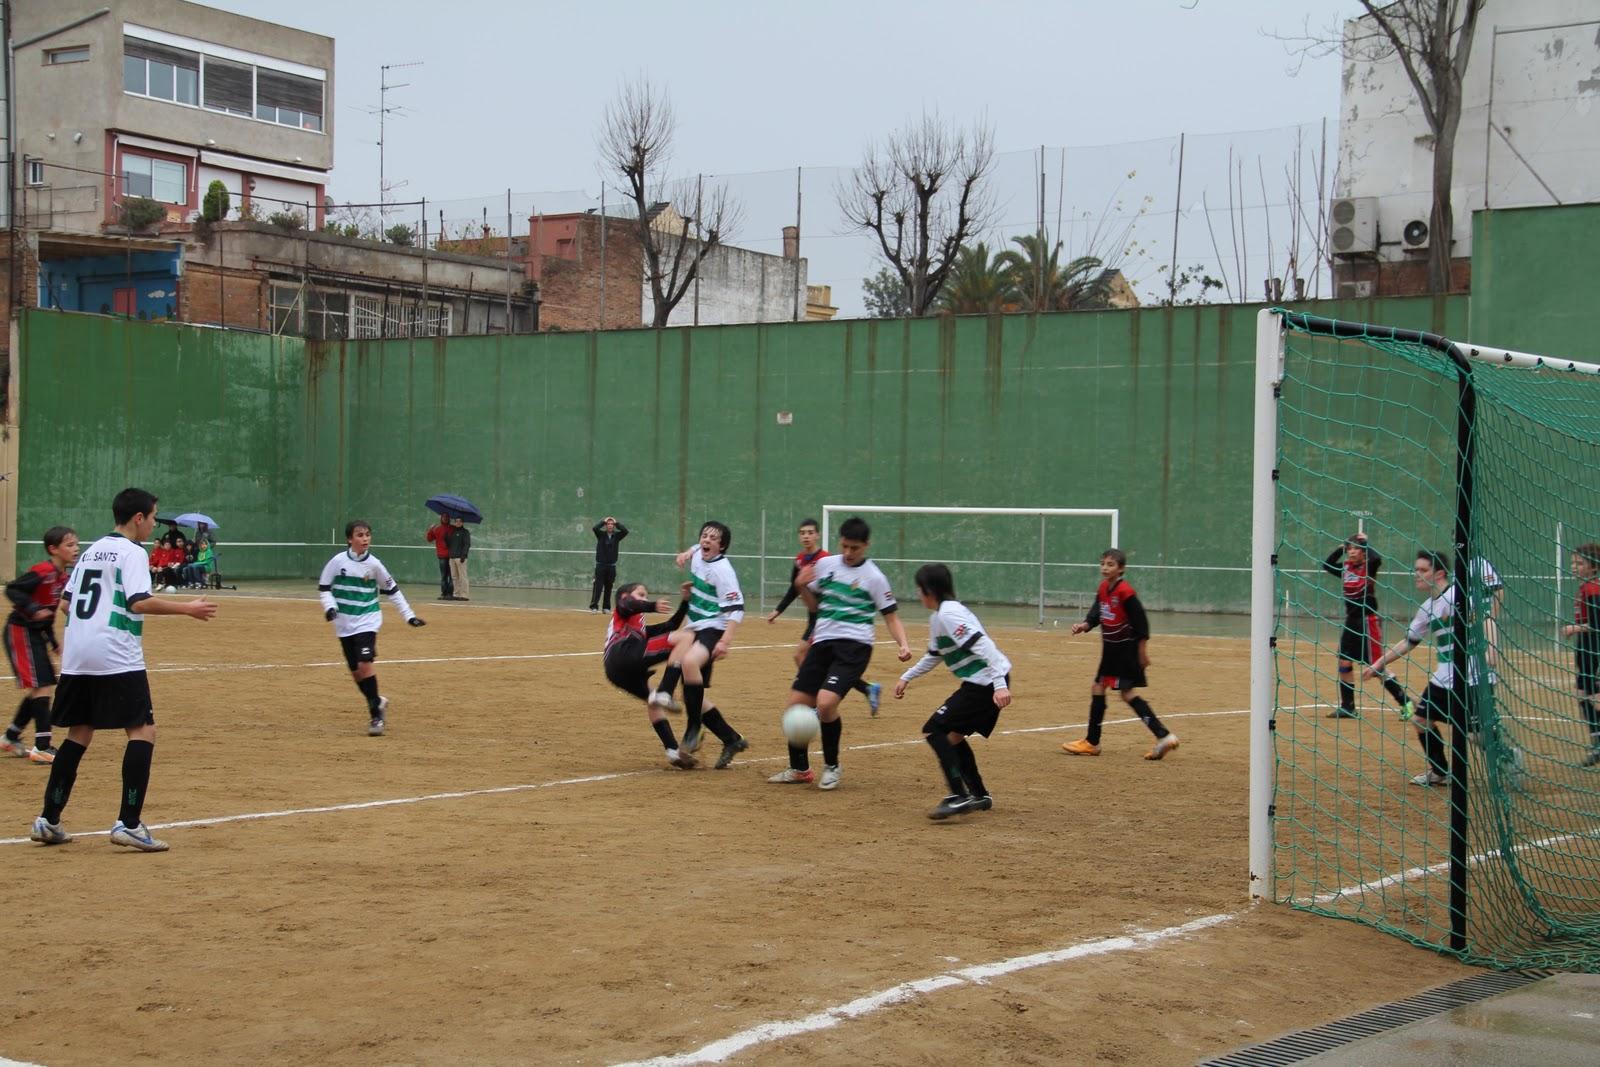 La salle bonanova futbol infantil 2011 2012 de gener 2012 for Piscina la salle bonanova